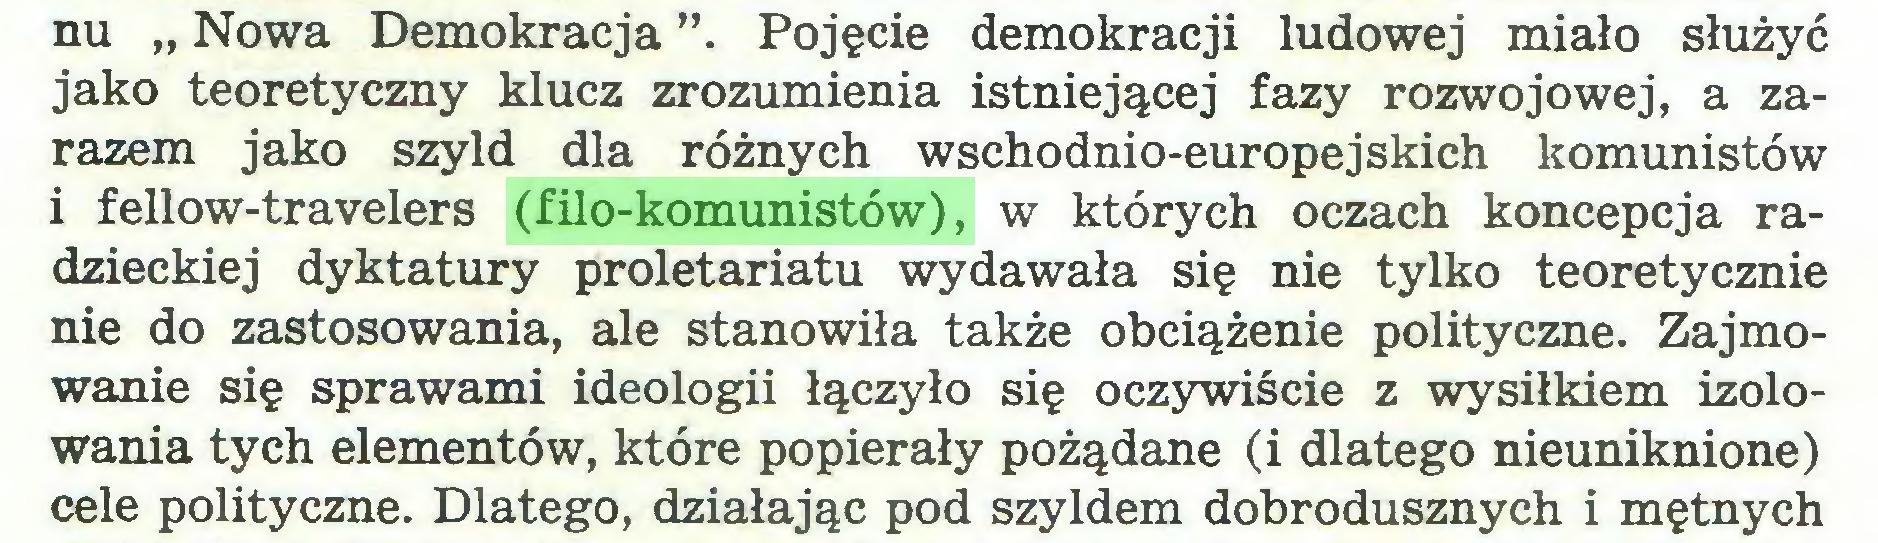 """(...) nu """" Nowa Demokracja """". Pojęcie demokracji ludowej miało służyć jako teoretyczny klucz zrozumienia istniejącej fazy rozwojowej, a zarazem jako szyld dla różnych wschodnio-europejskich komunistów i fellow-travelers (filo-komunistów), w których oczach koncepcja radzieckiej dyktatury proletariatu wydawała się nie tylko teoretycznie nie do zastosowania, ale stanowiła także obciążenie polityczne. Zajmowanie się sprawami ideologii łączyło się oczywiście z wysiłkiem izolowania tych elementów, które popierały pożądane (i dlatego nieuniknione) cele polityczne. Dlatego, działając pod szyldem dobrodusznych i mętnych..."""